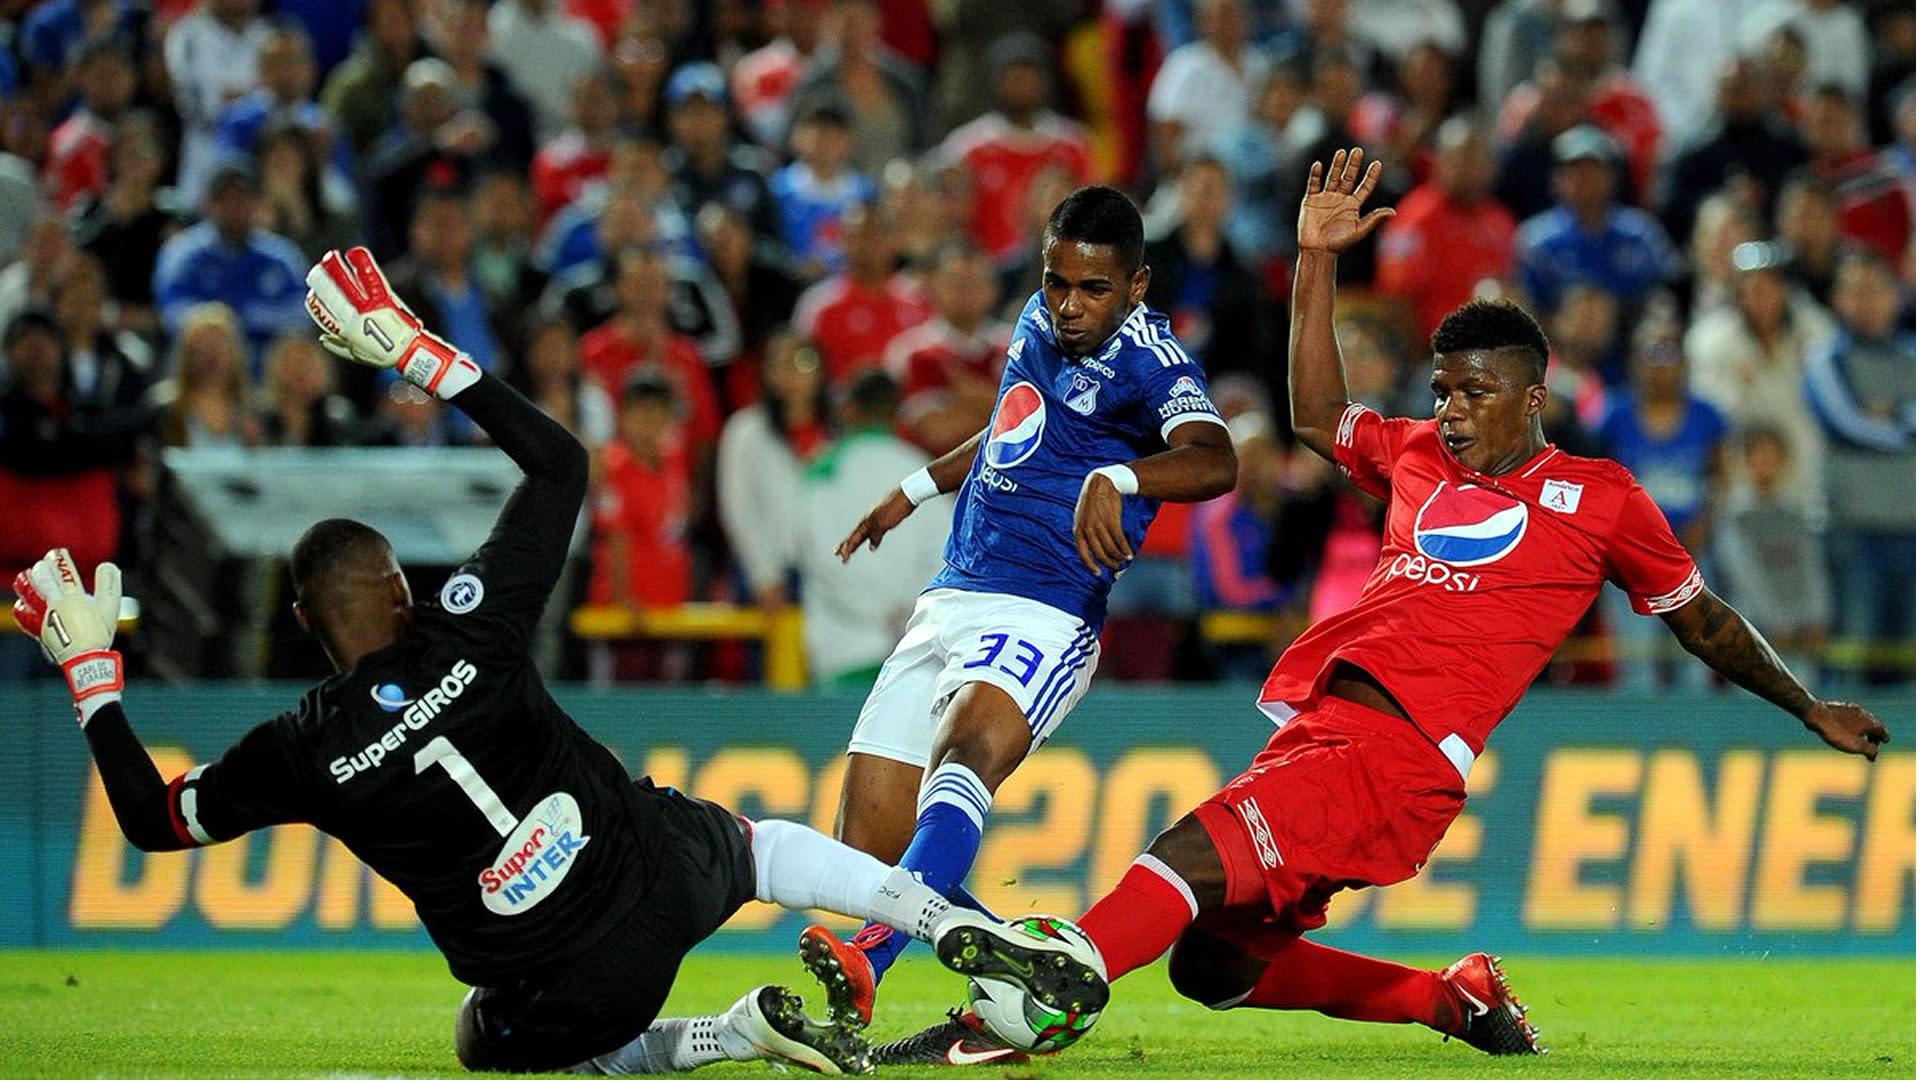 El cuadro albiazul solo tendrá que afrontar la Liga Águila en la primera mitad del año donde no tiene otro objetivo diferente al de ser campeón.